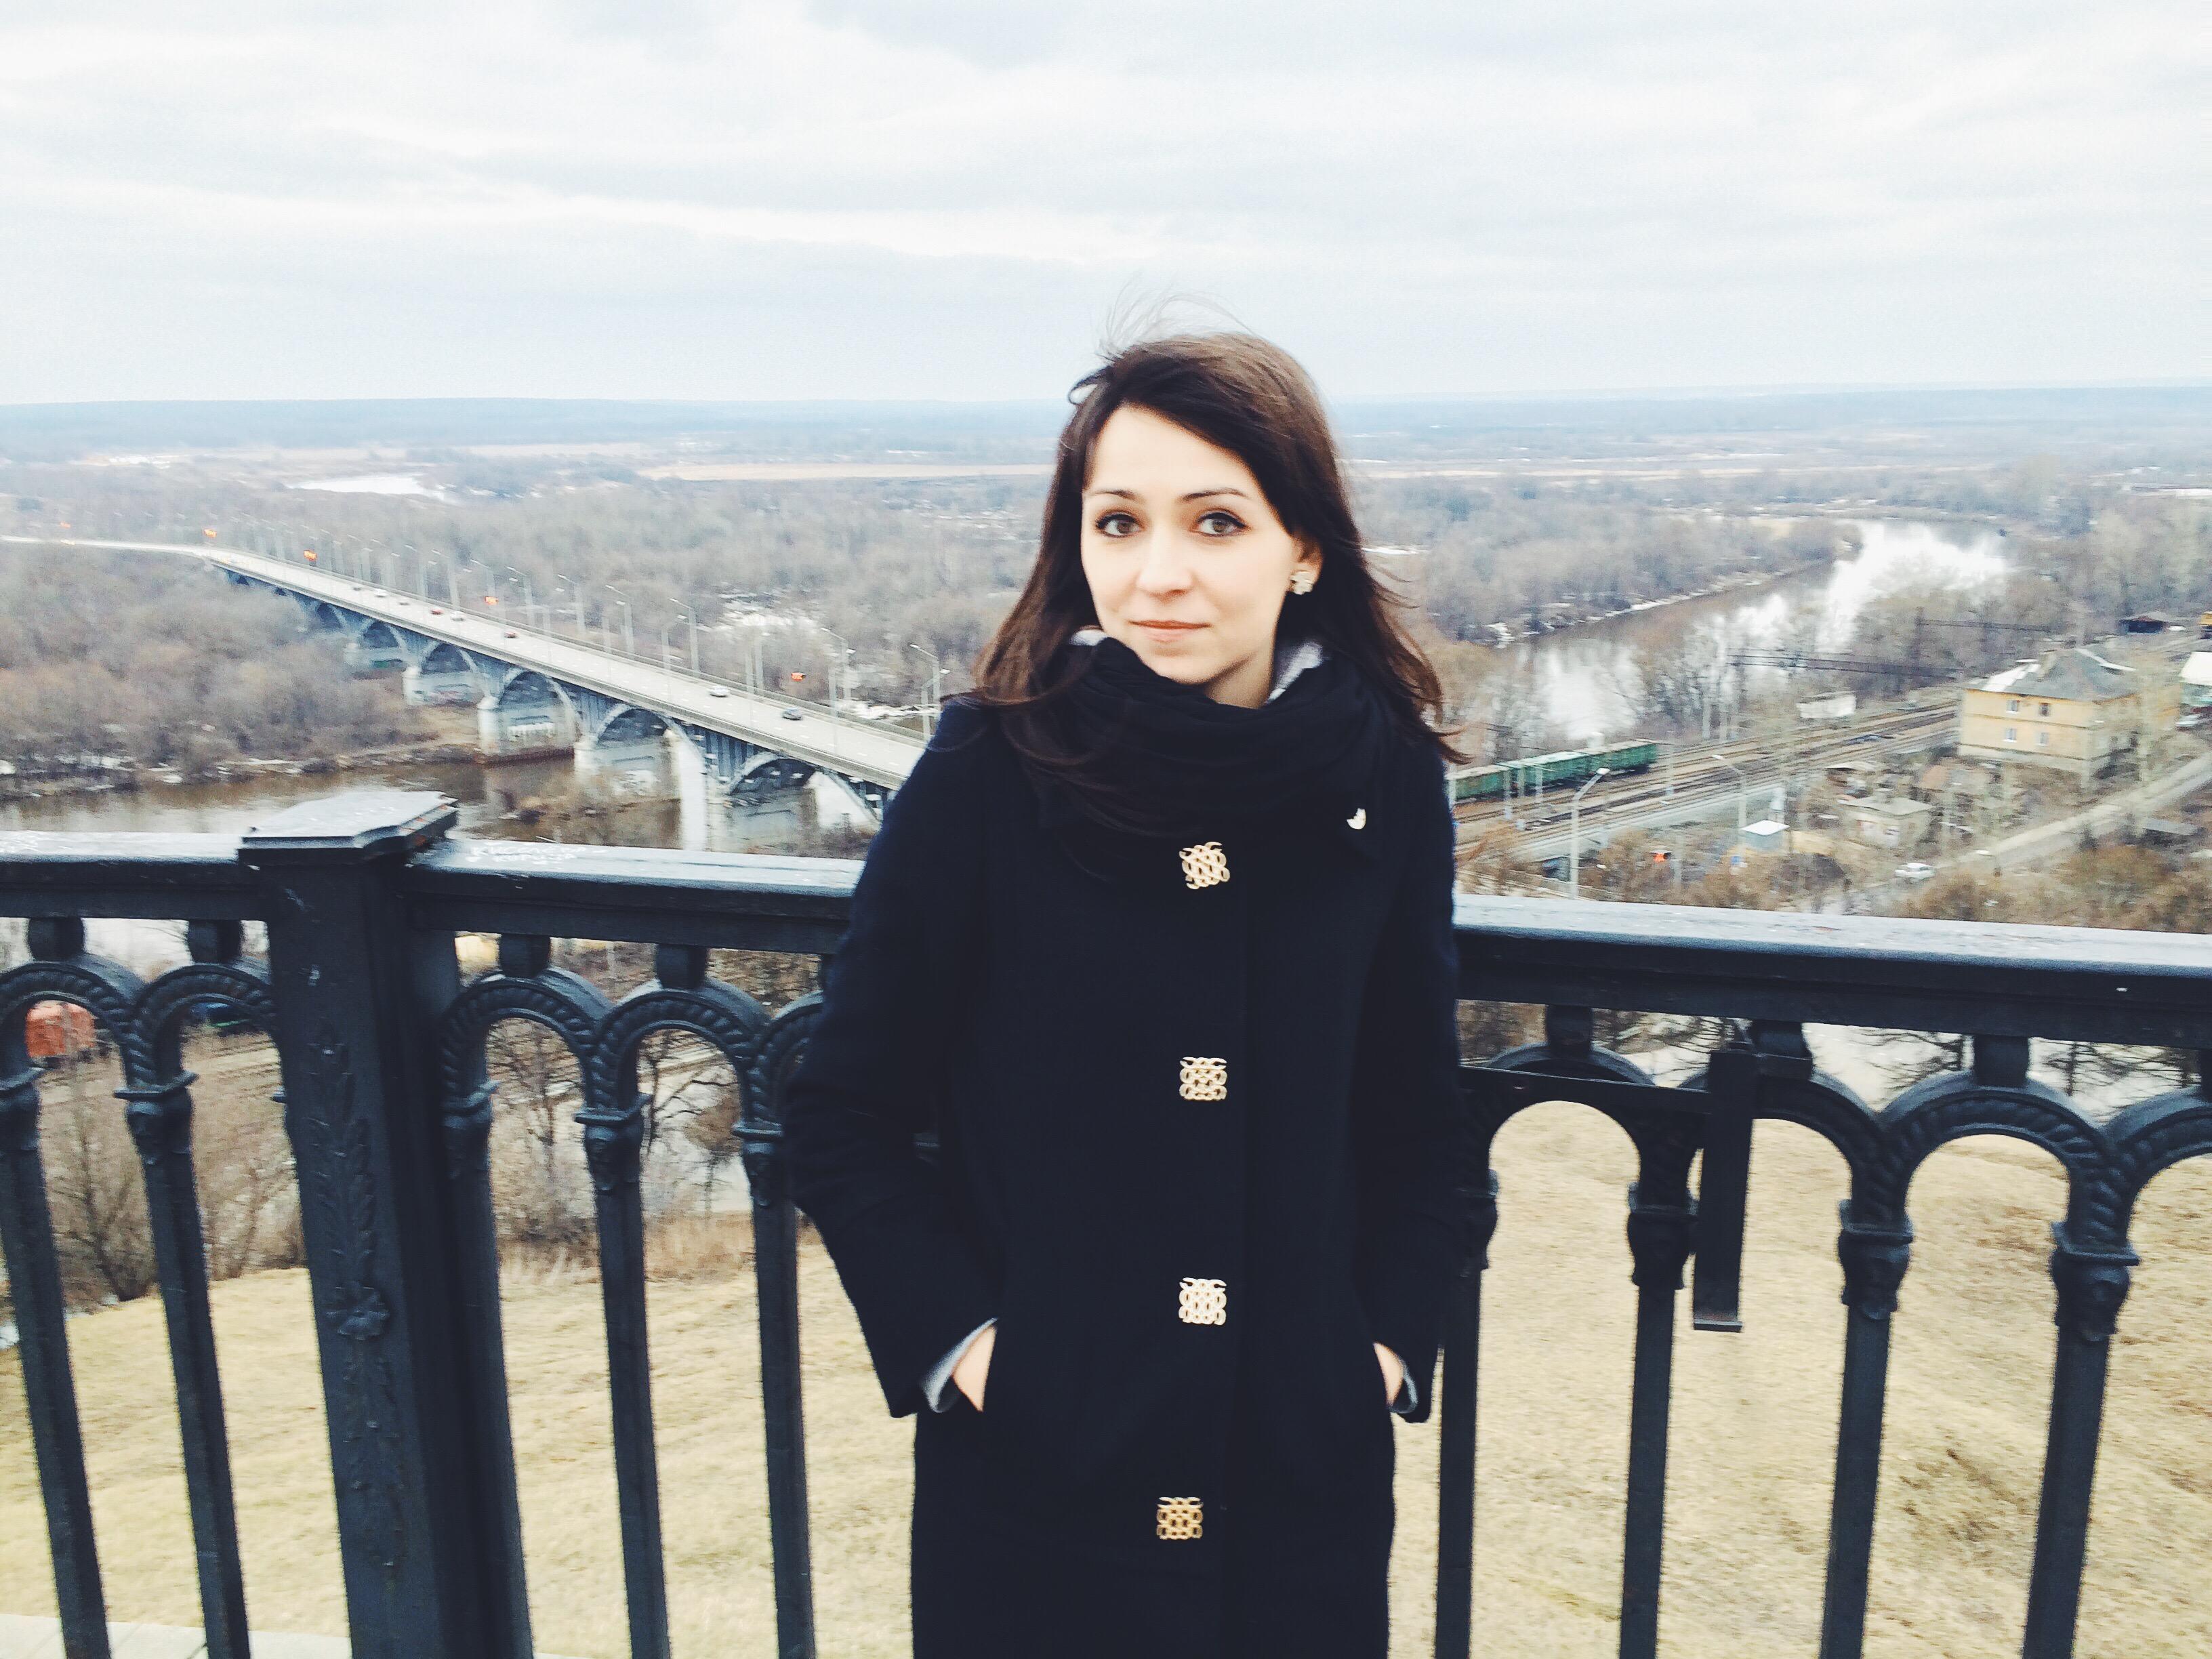 Бондаренко Екатерина Богдановна